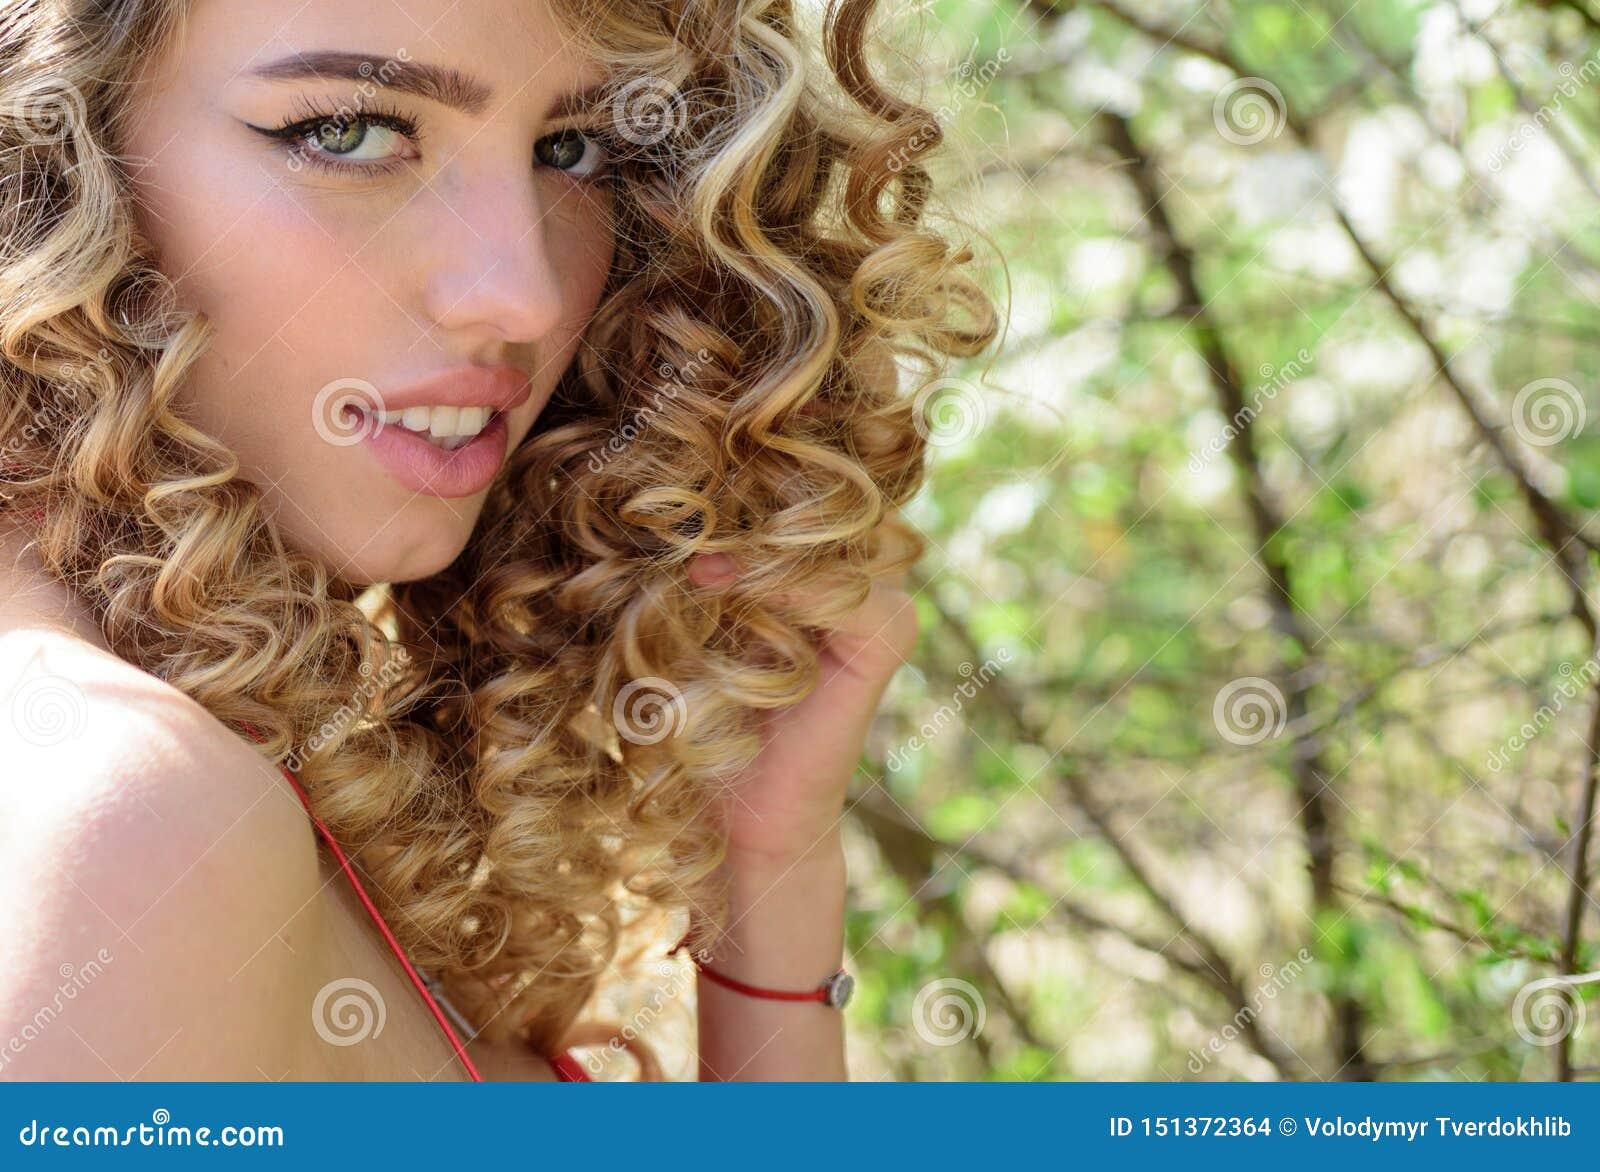 Φυσικές ευτυχία, διασκέδαση και αρμονία Χαμογελώντας νέο όμορφο κορίτσι